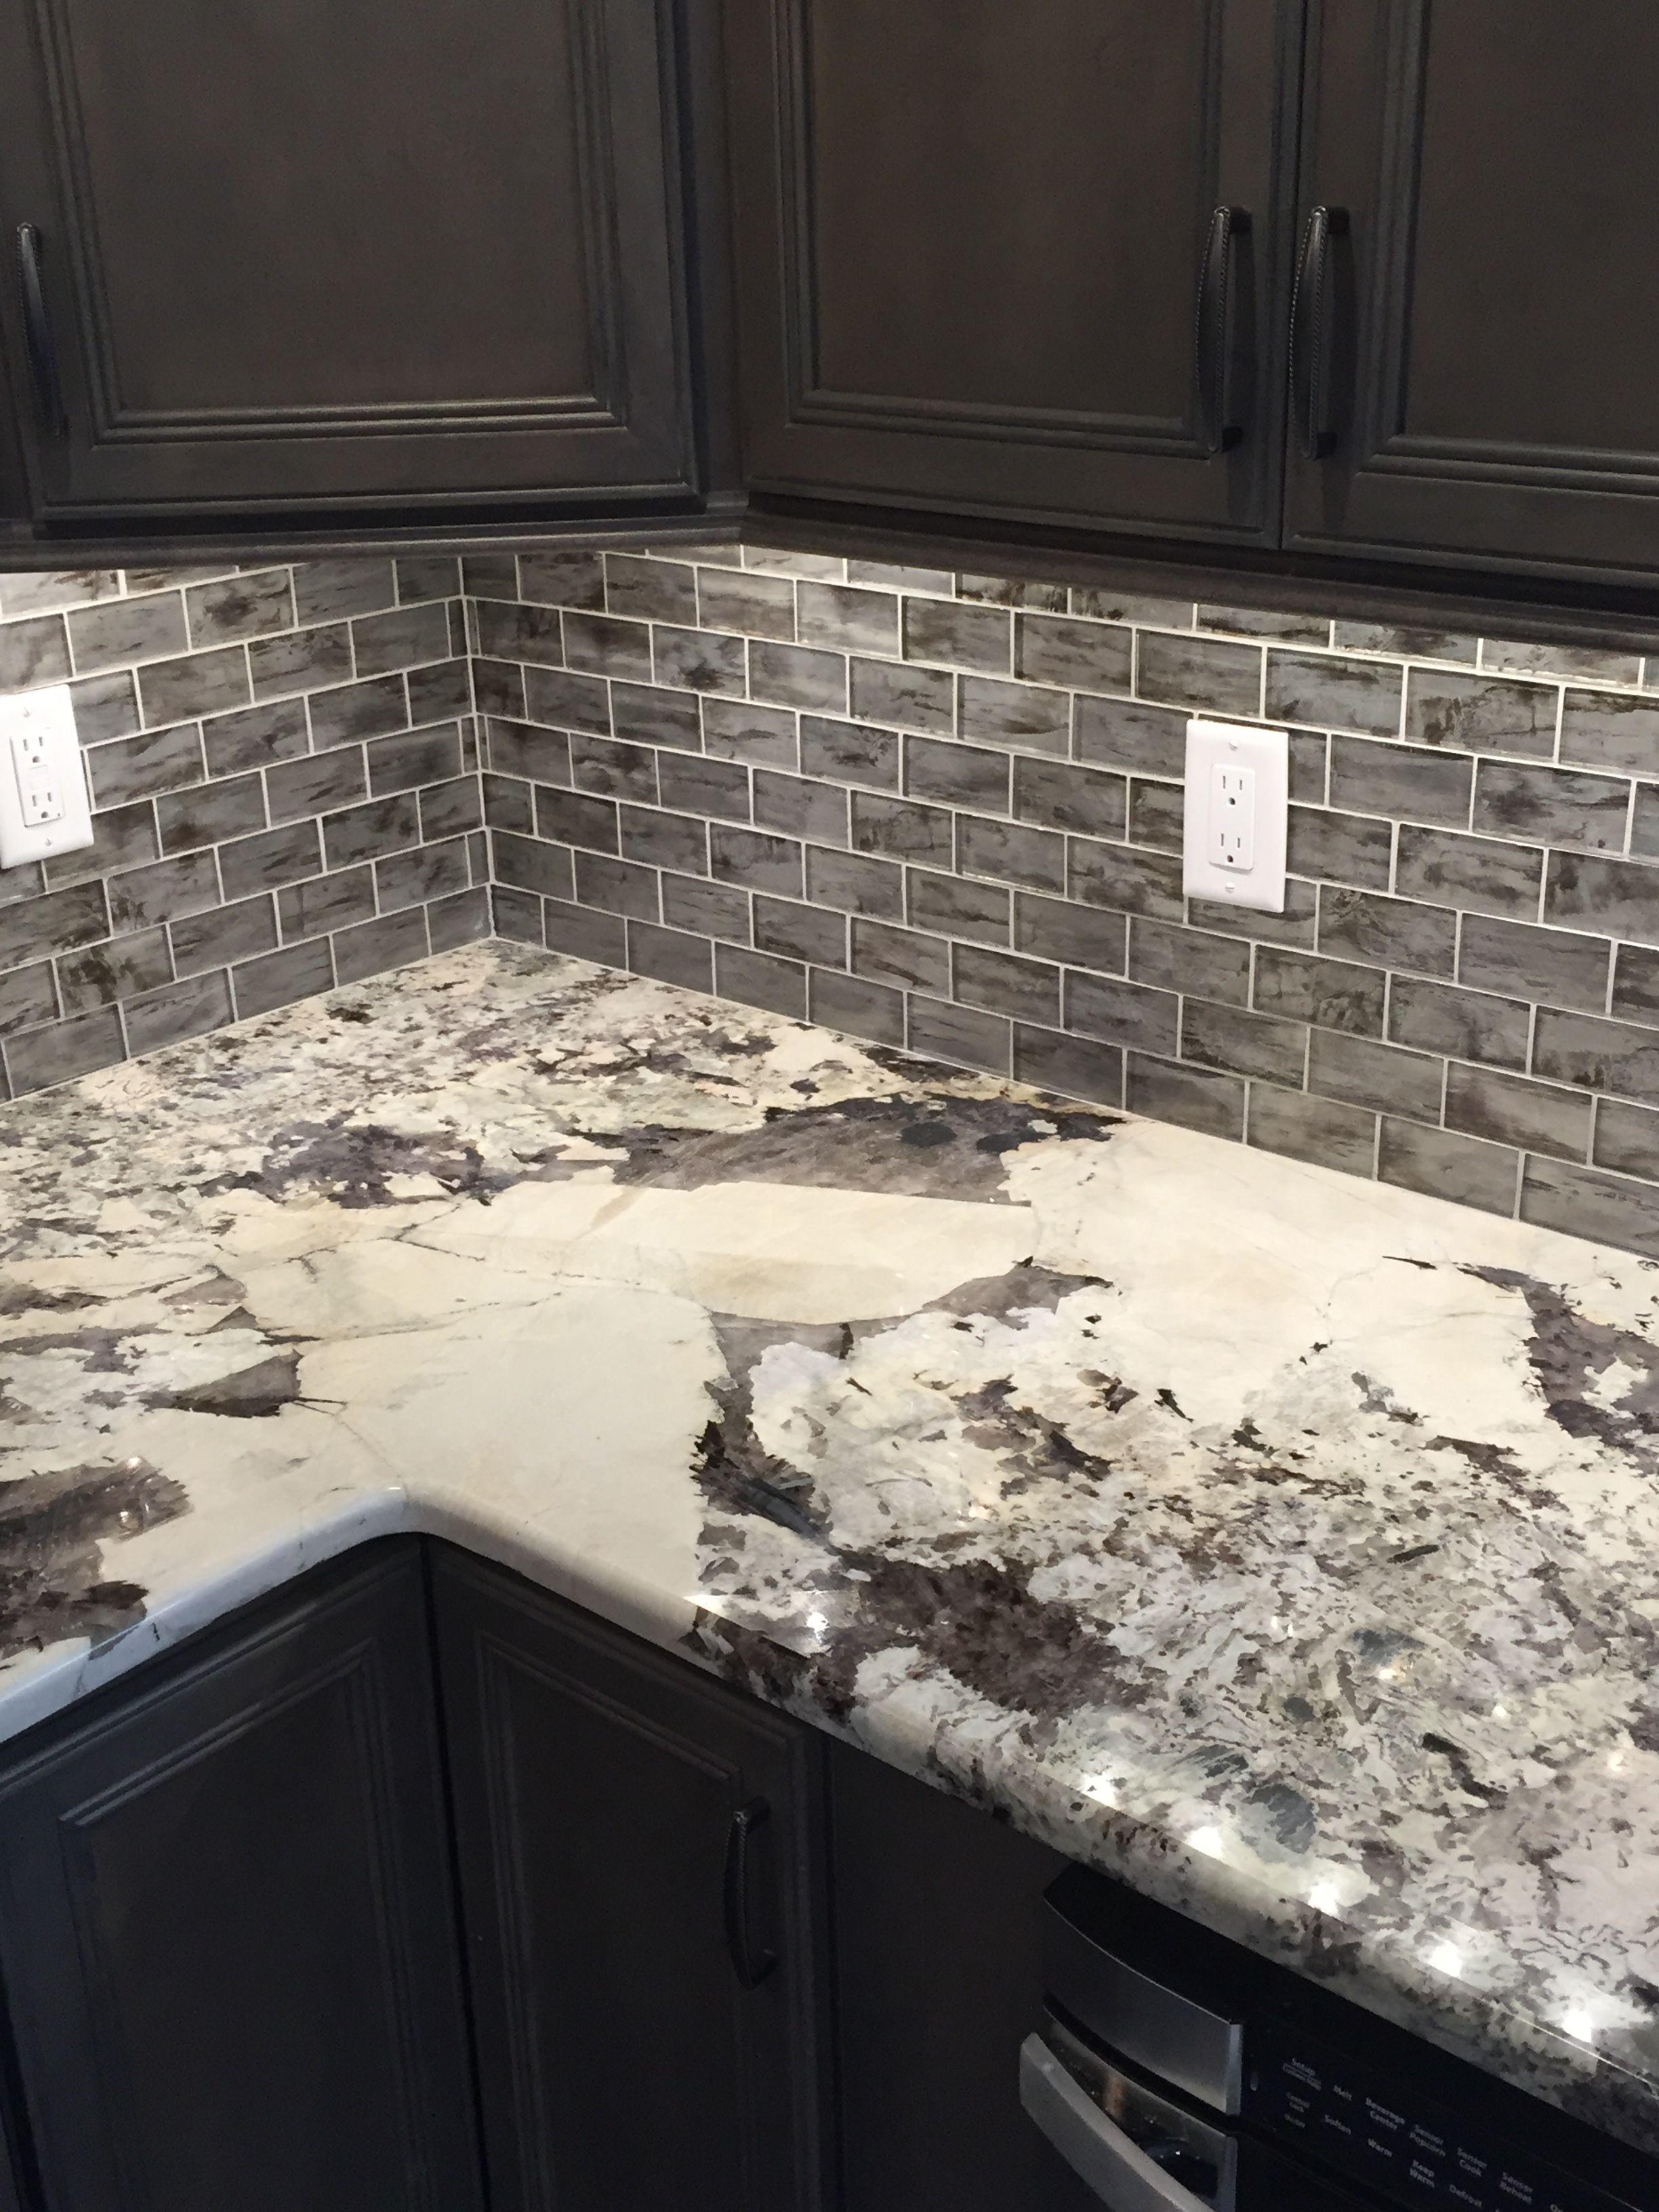 Dark Granite Countertops Pros And Cons Granite Countertops Kitchen Kitchen Remodel Countertops Kitchen Countertop Materials